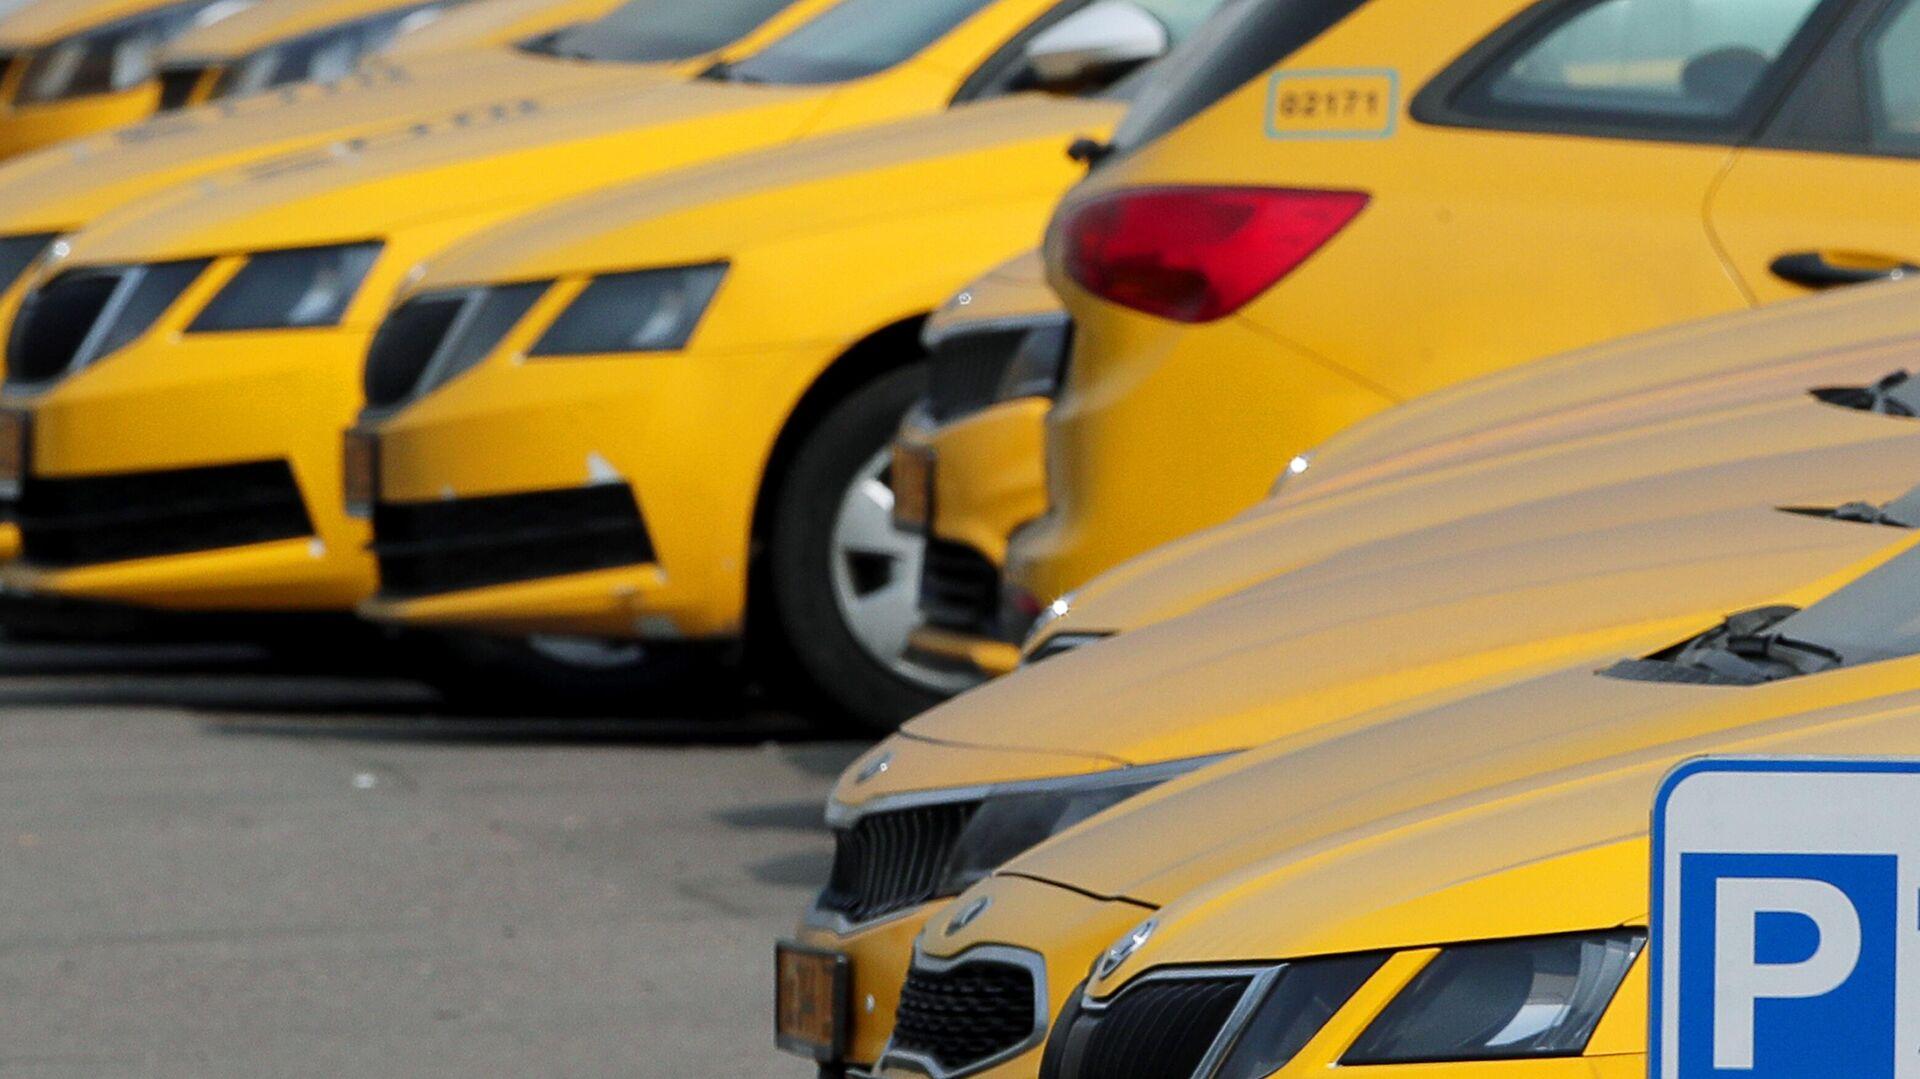 Автомобили службы Яндекс Такси в Москве - РИА Новости, 1920, 23.10.2020